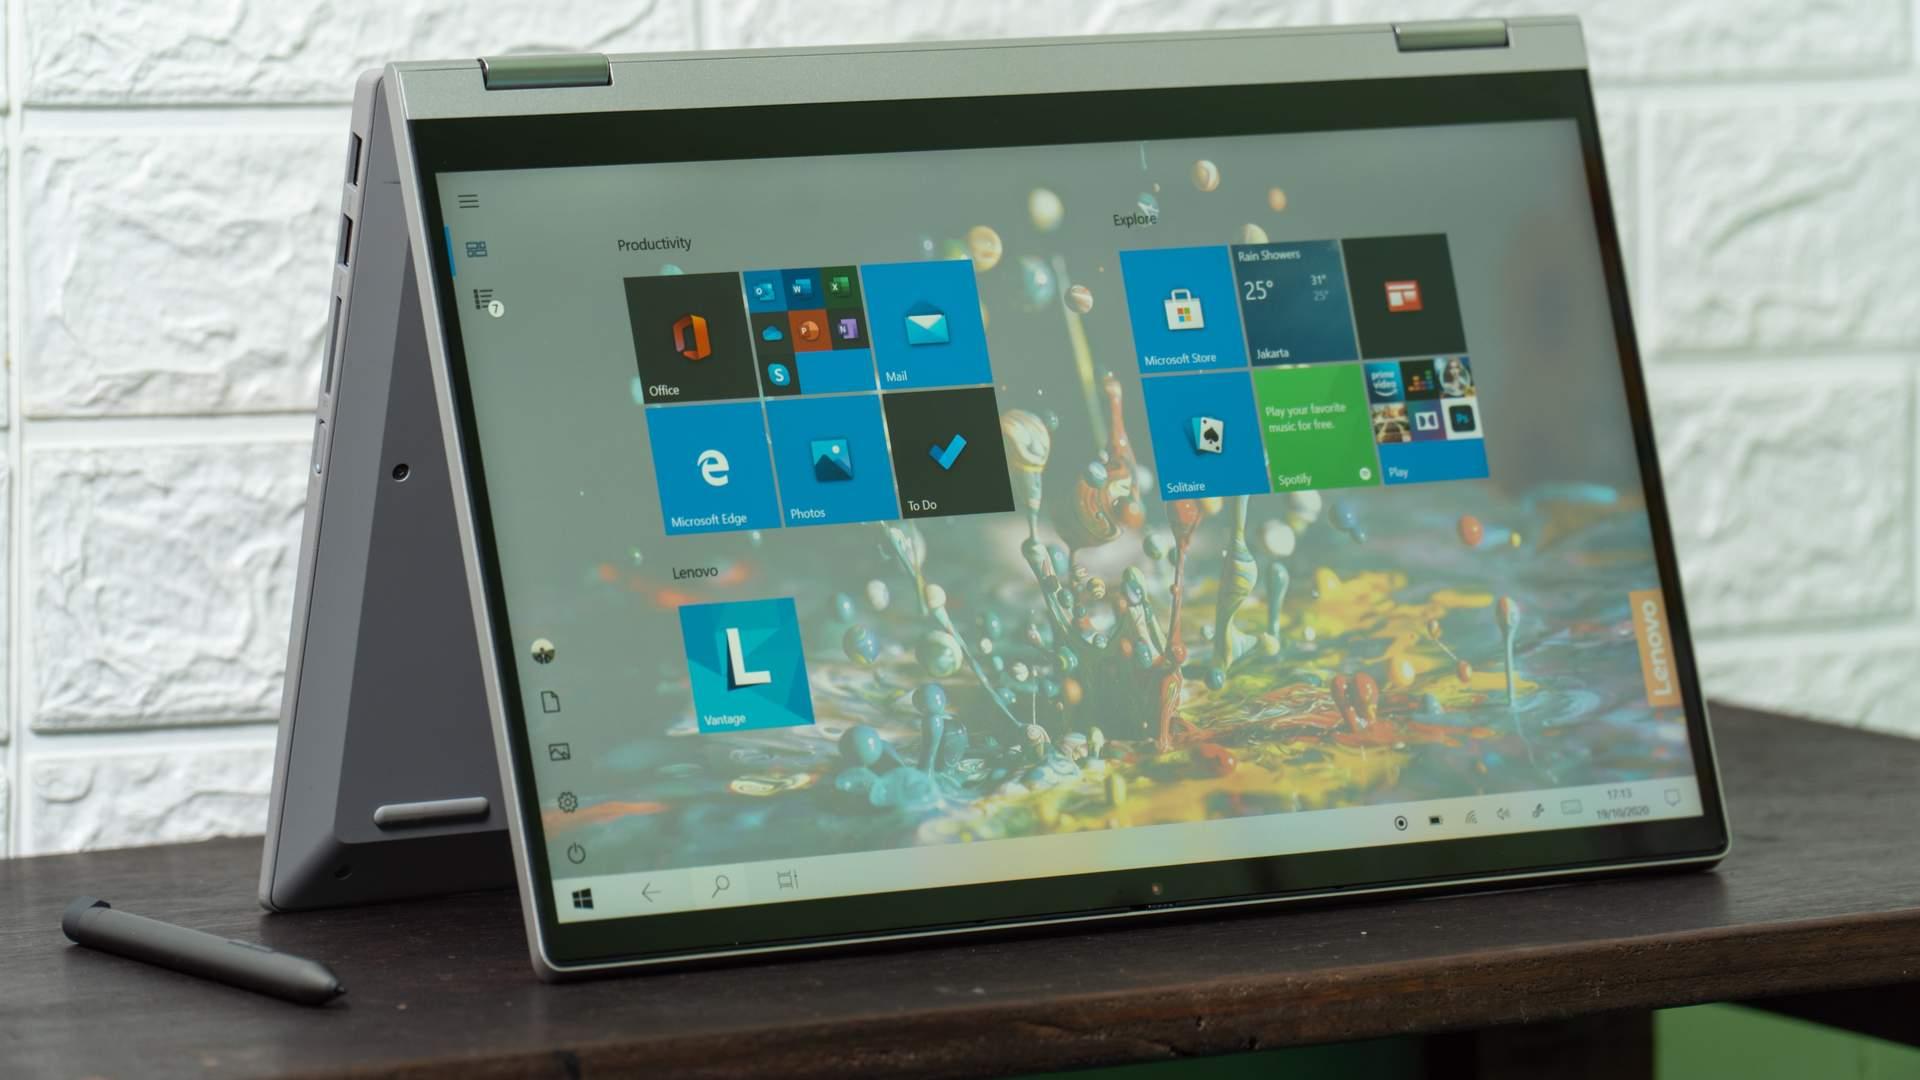 Abertura de tela do IdeaPad Flex 5i e monitor touchscreen fazem dele um modelo 2 em 1 (Lukmanazis / Shutterstock.com)